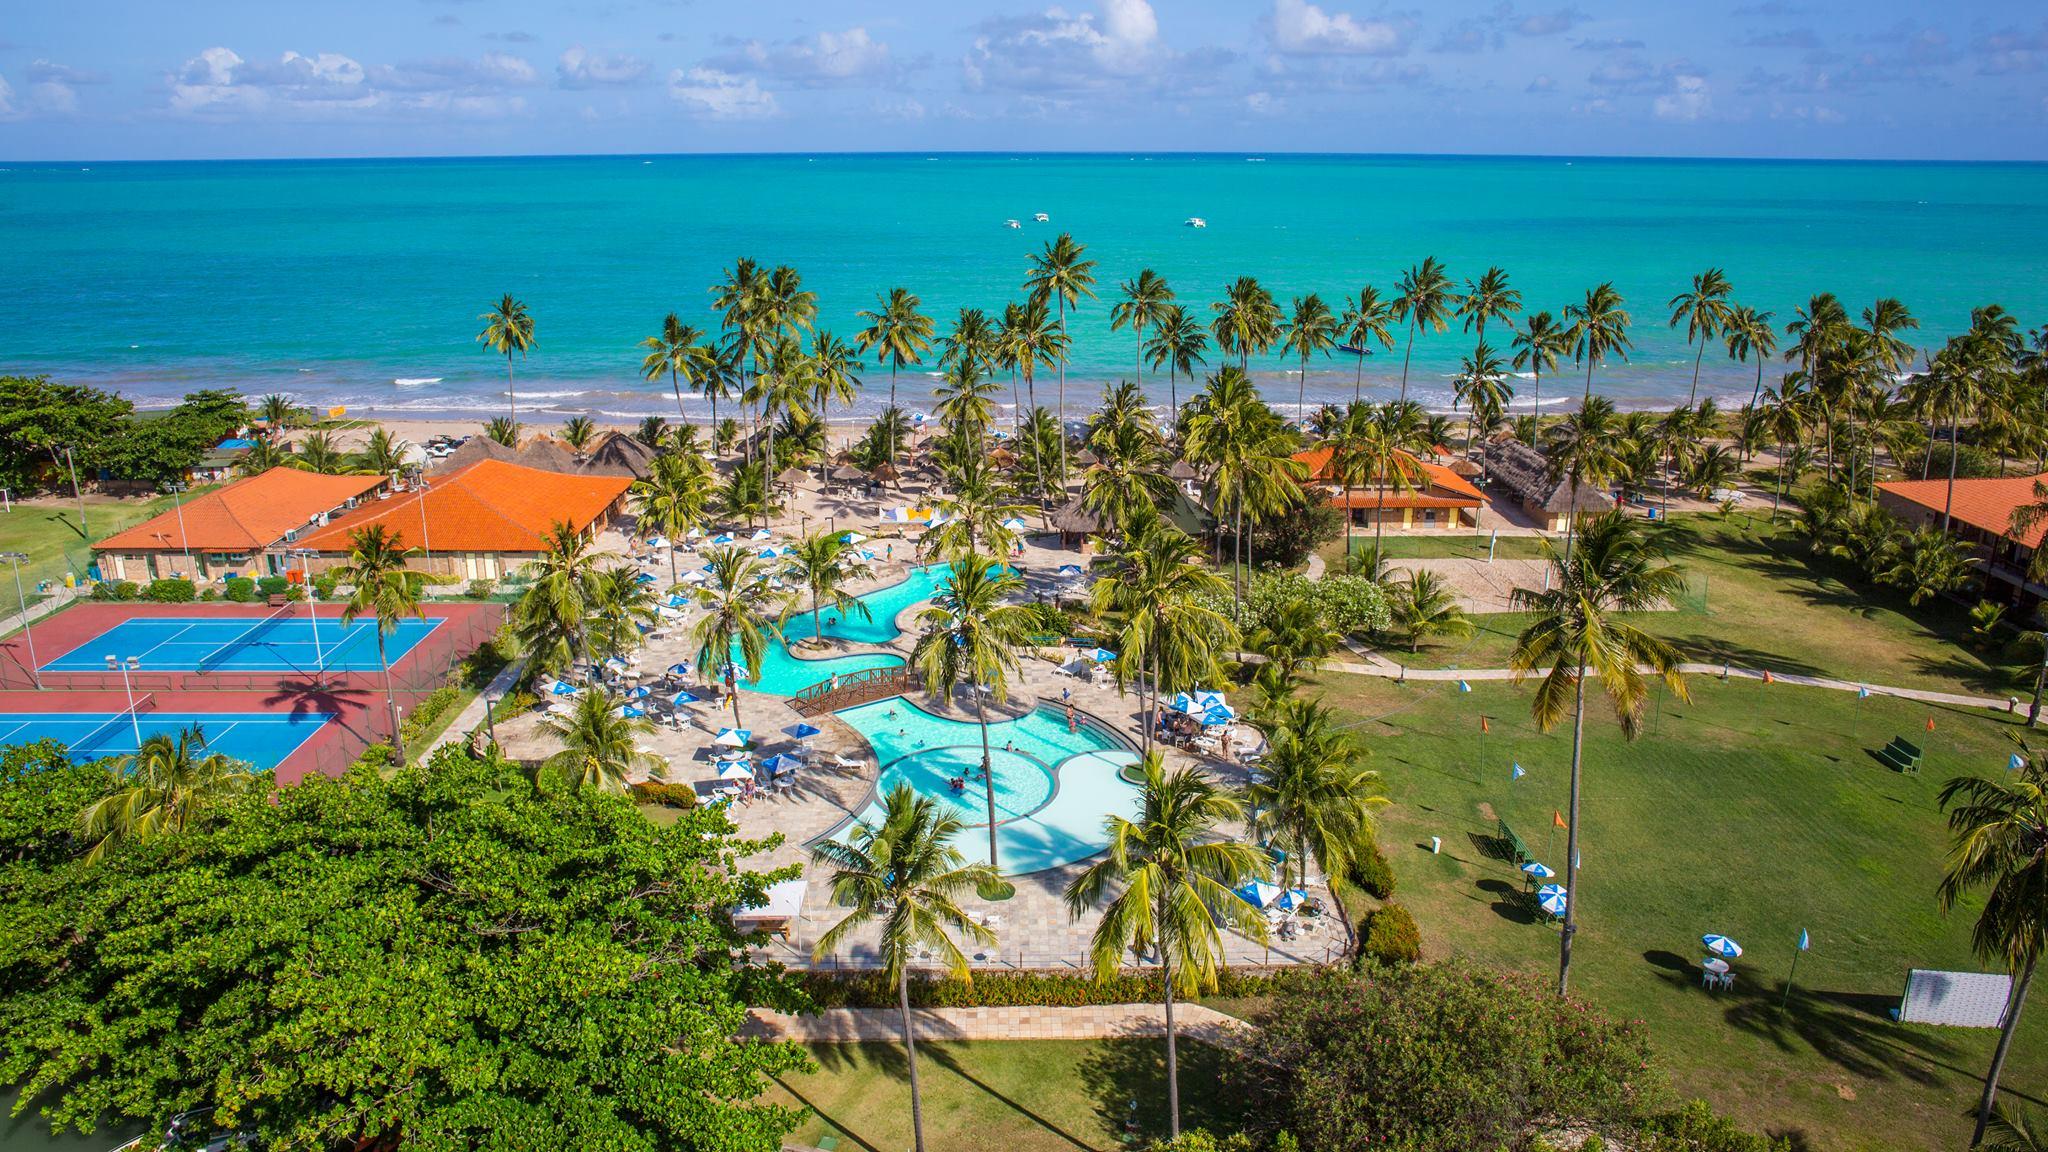 Vista aérea da piscina e do mar de um dos melhores resorts all inclusive do Brasil, o Salinas de Maragogi